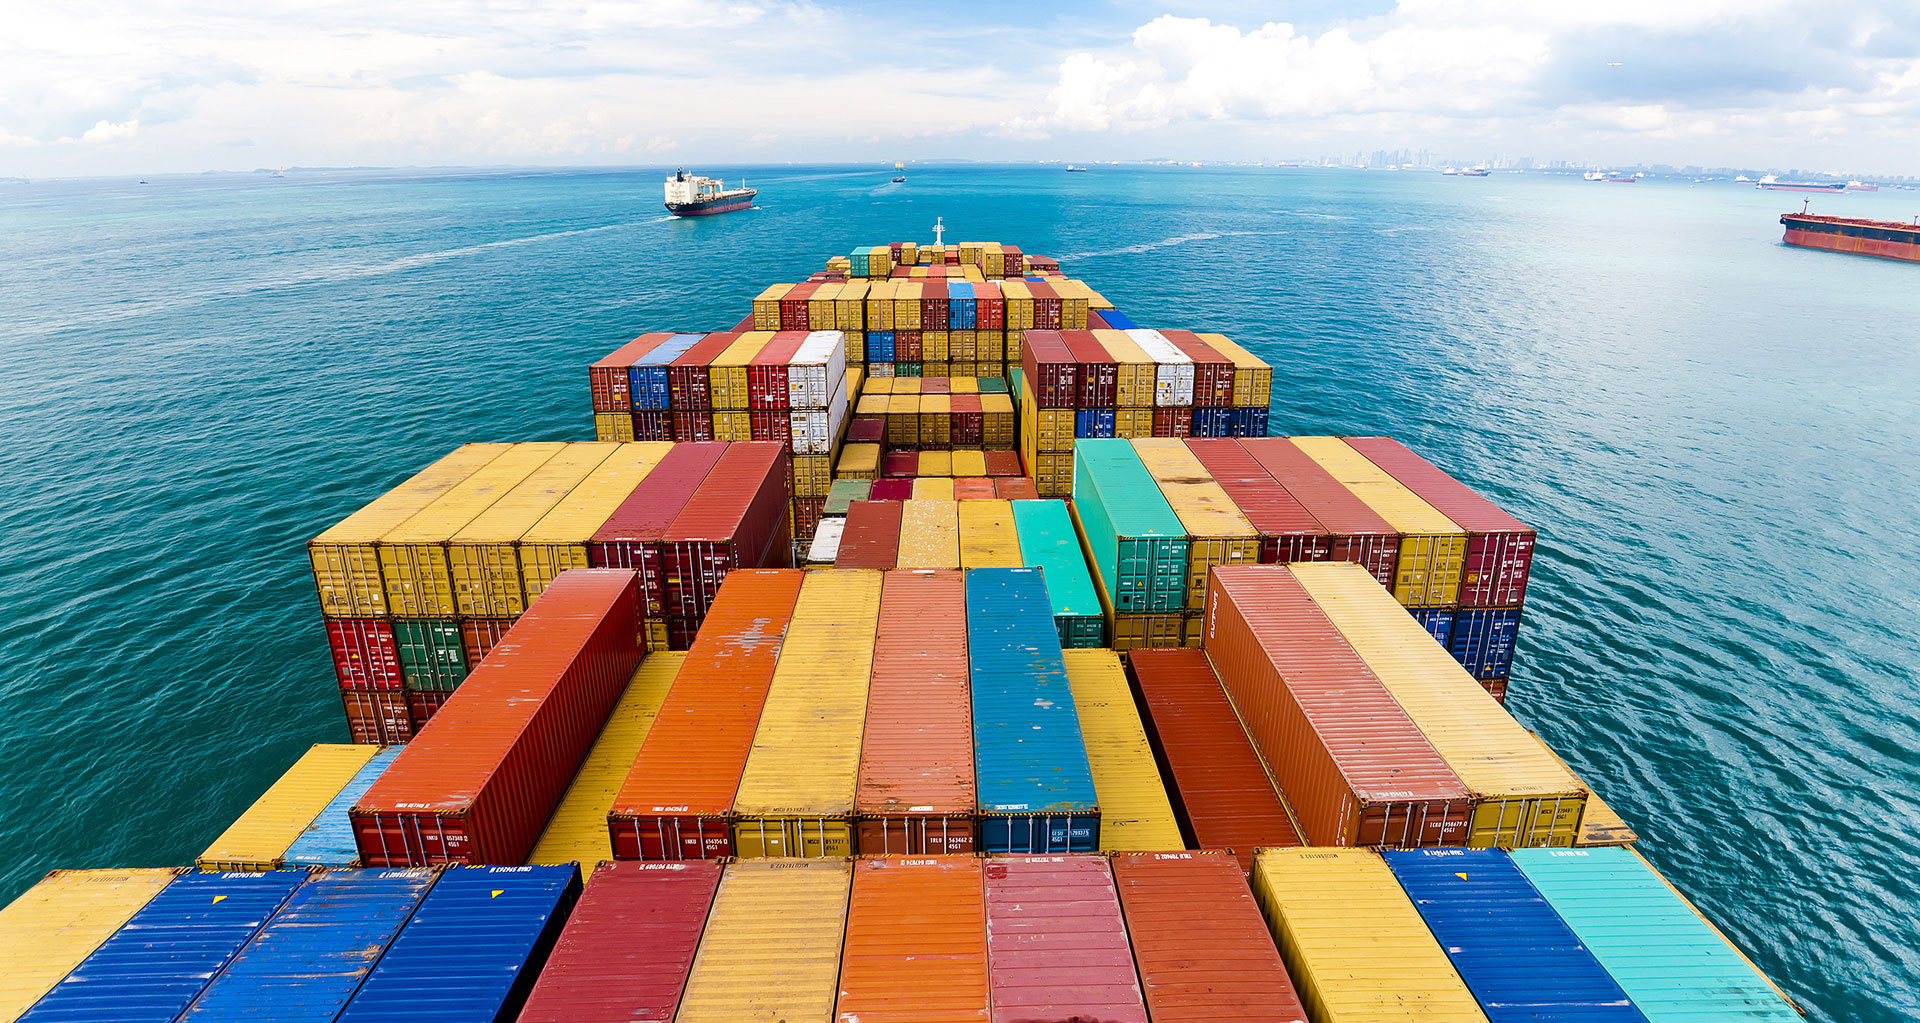 De storingen in Zuid-China en het Suezkanaal kunnen zorgen voor langere vertragingen in de scheepvaart. (Foto Rabobank)